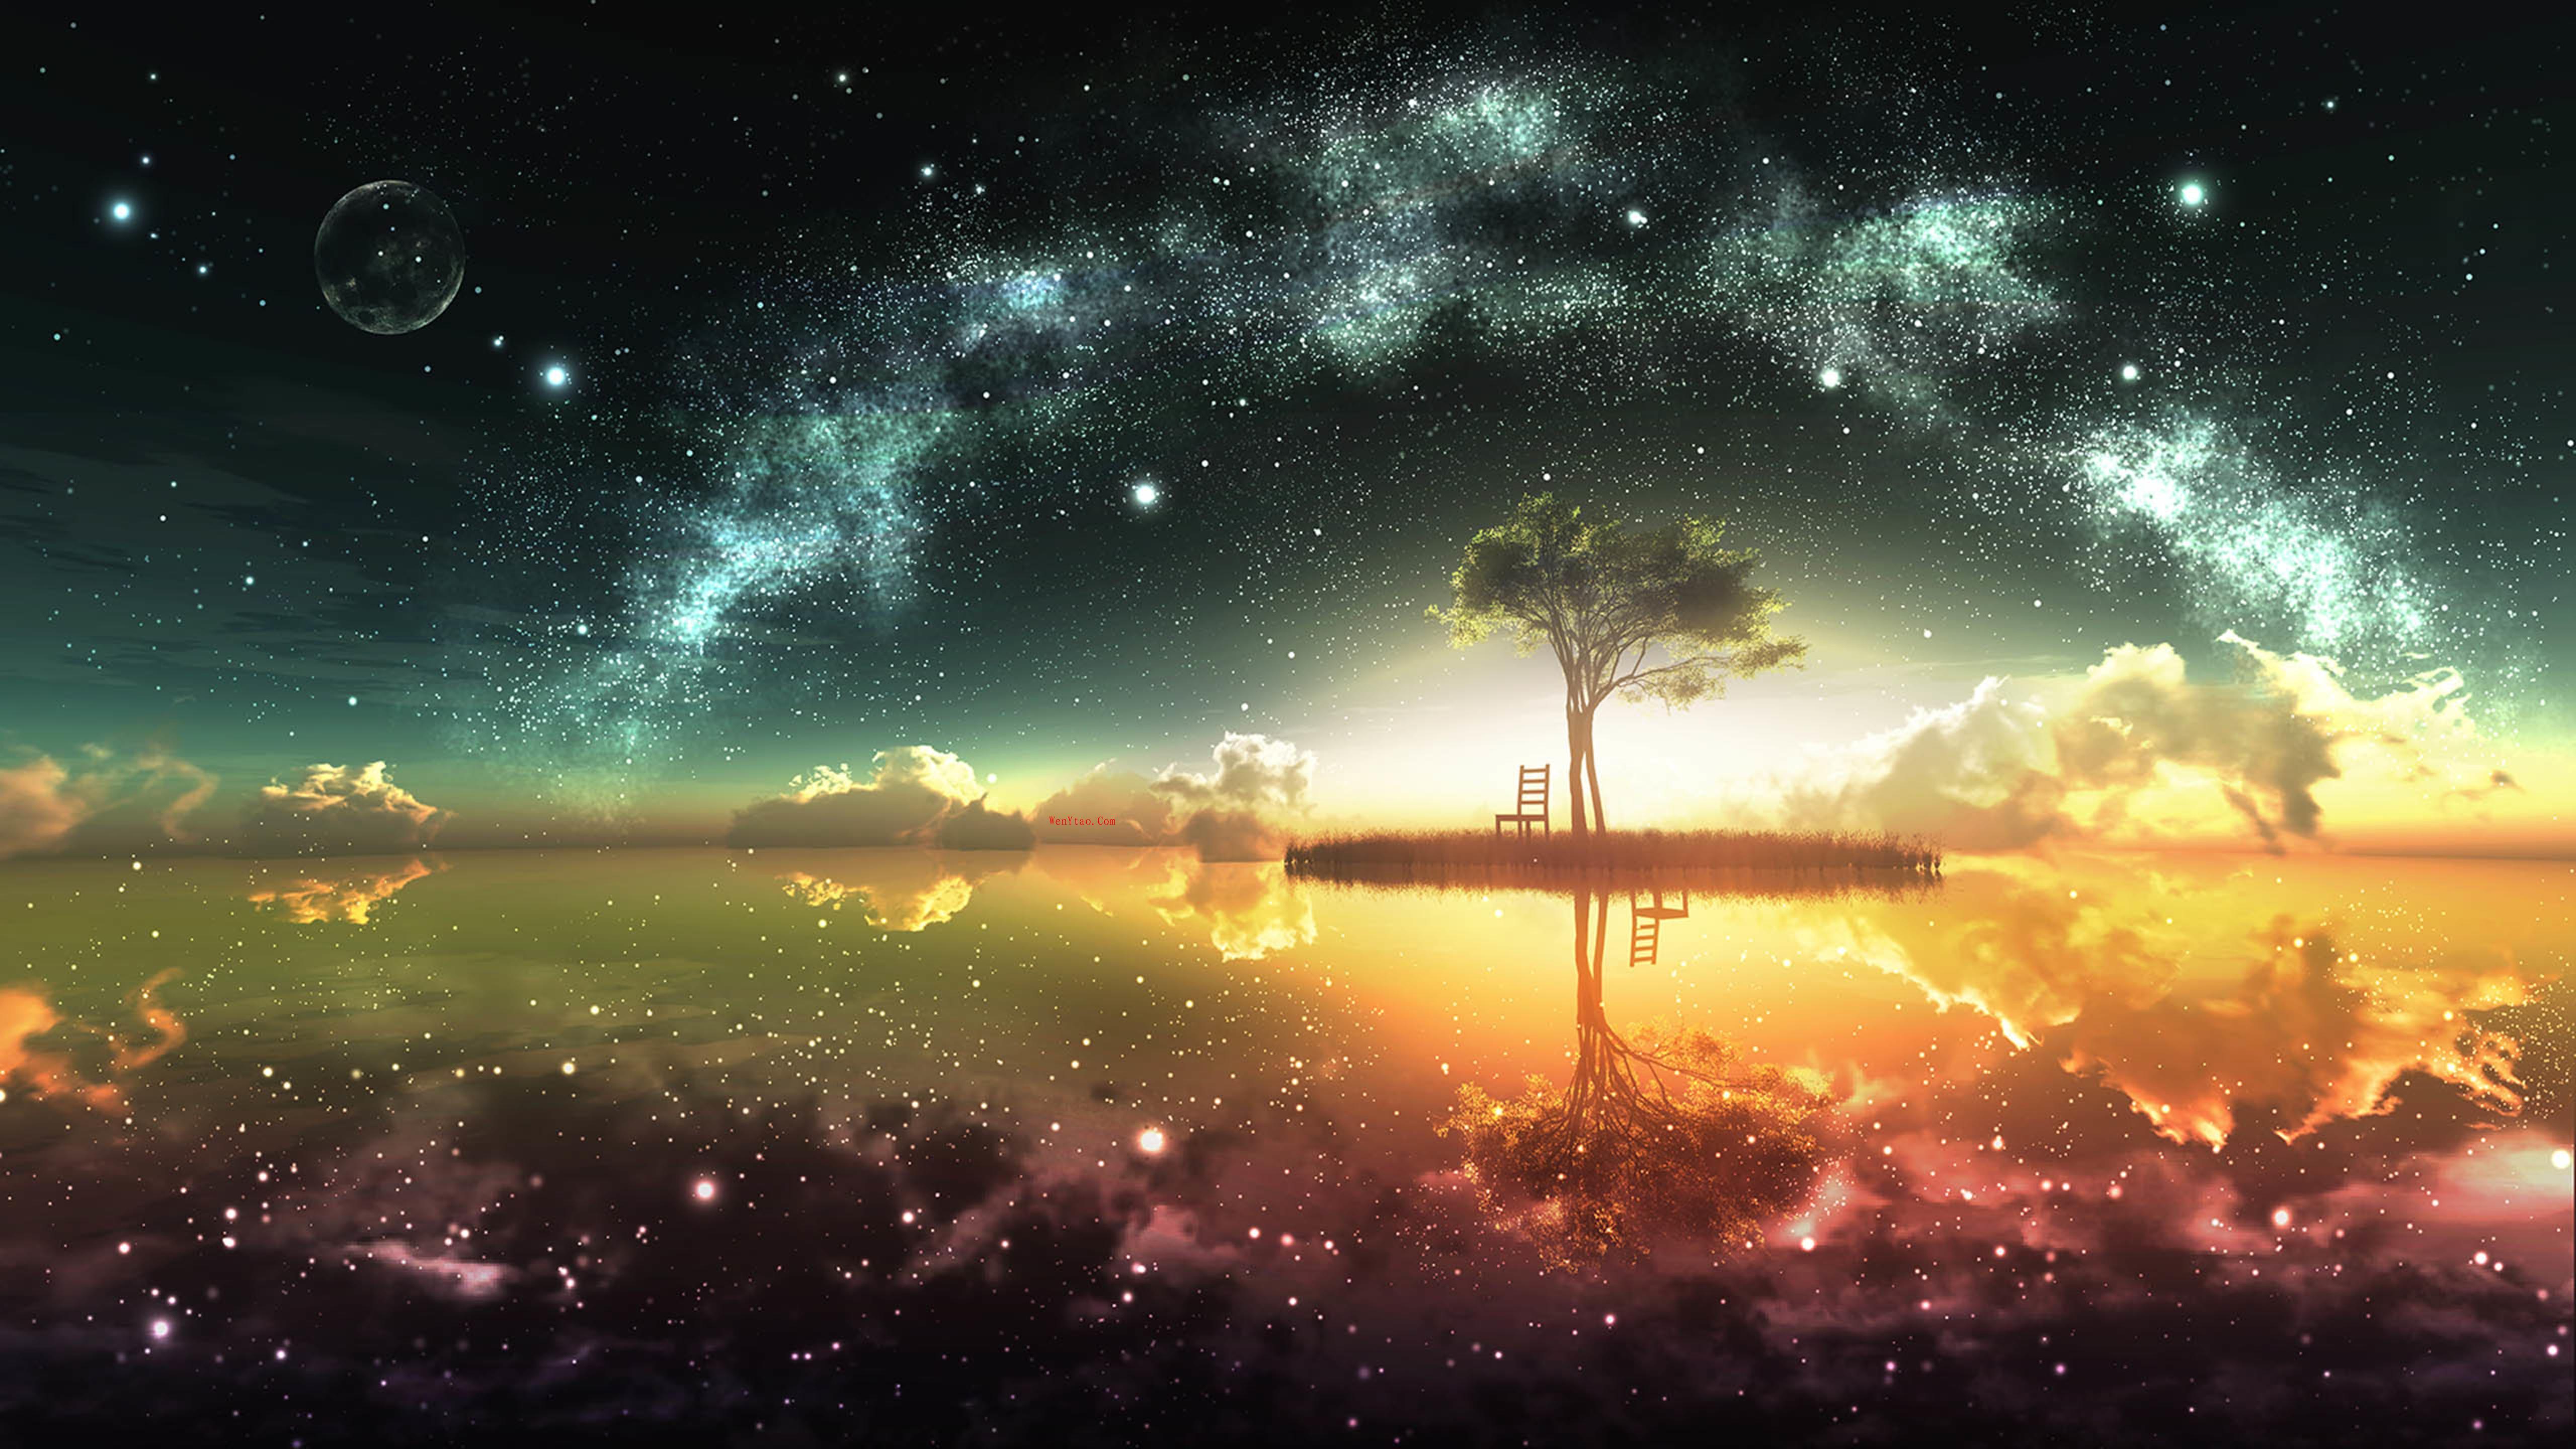 风景奇幻梦境山峰星空繁星云雾夜晚星空星球梦幻5k壁纸 风景 第4张